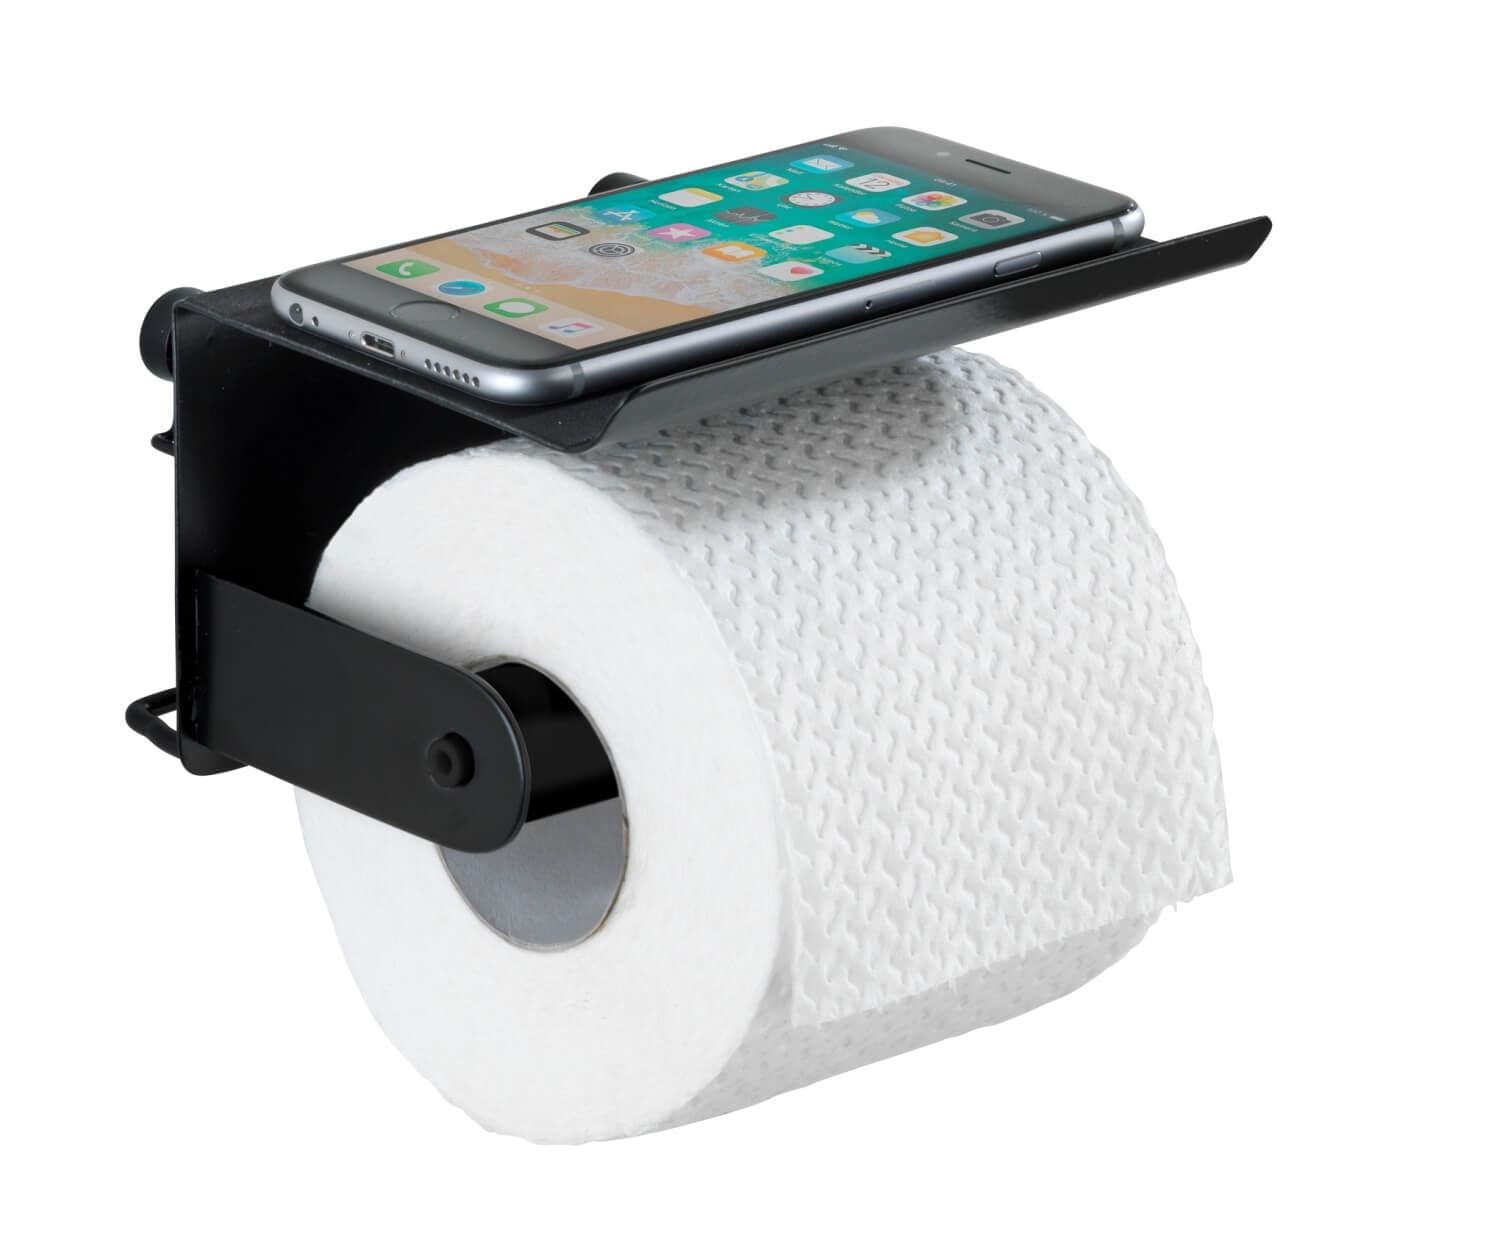 BEZ VRTÁNÍ Classic Plus - Držák WC papíru s poličkou, černý Z23885100